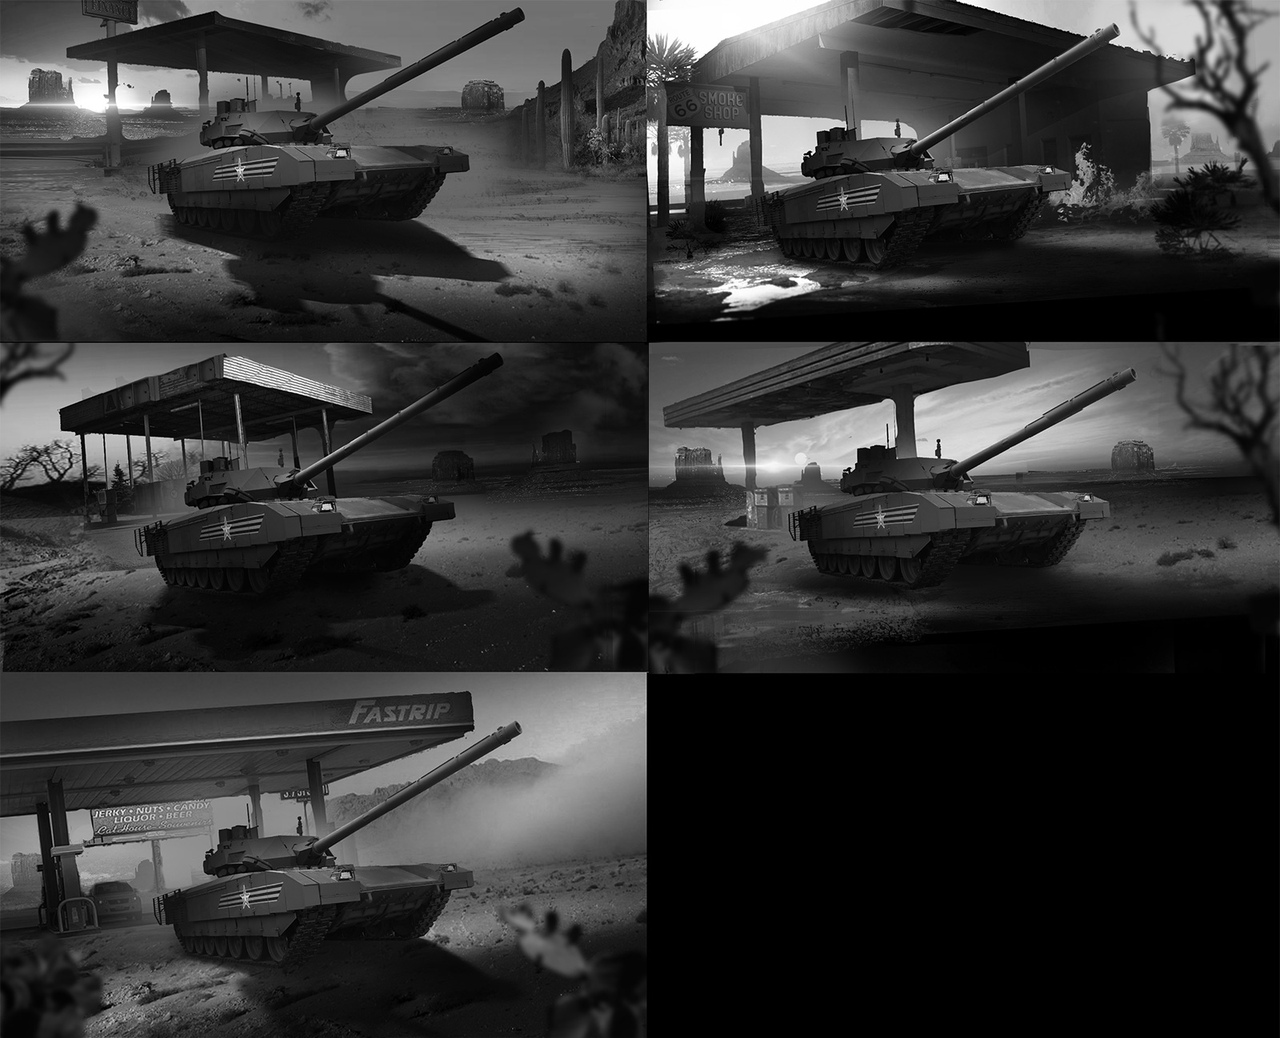 Пример моих быстрых фотобашей-концептов: поиск композиции и сюжета под промоарт